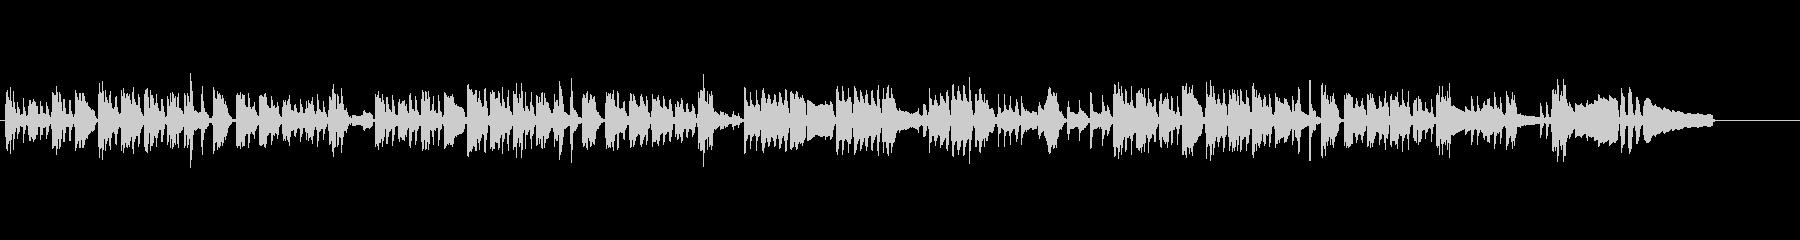 星野源のようなスタルジックマリンバ曲の未再生の波形